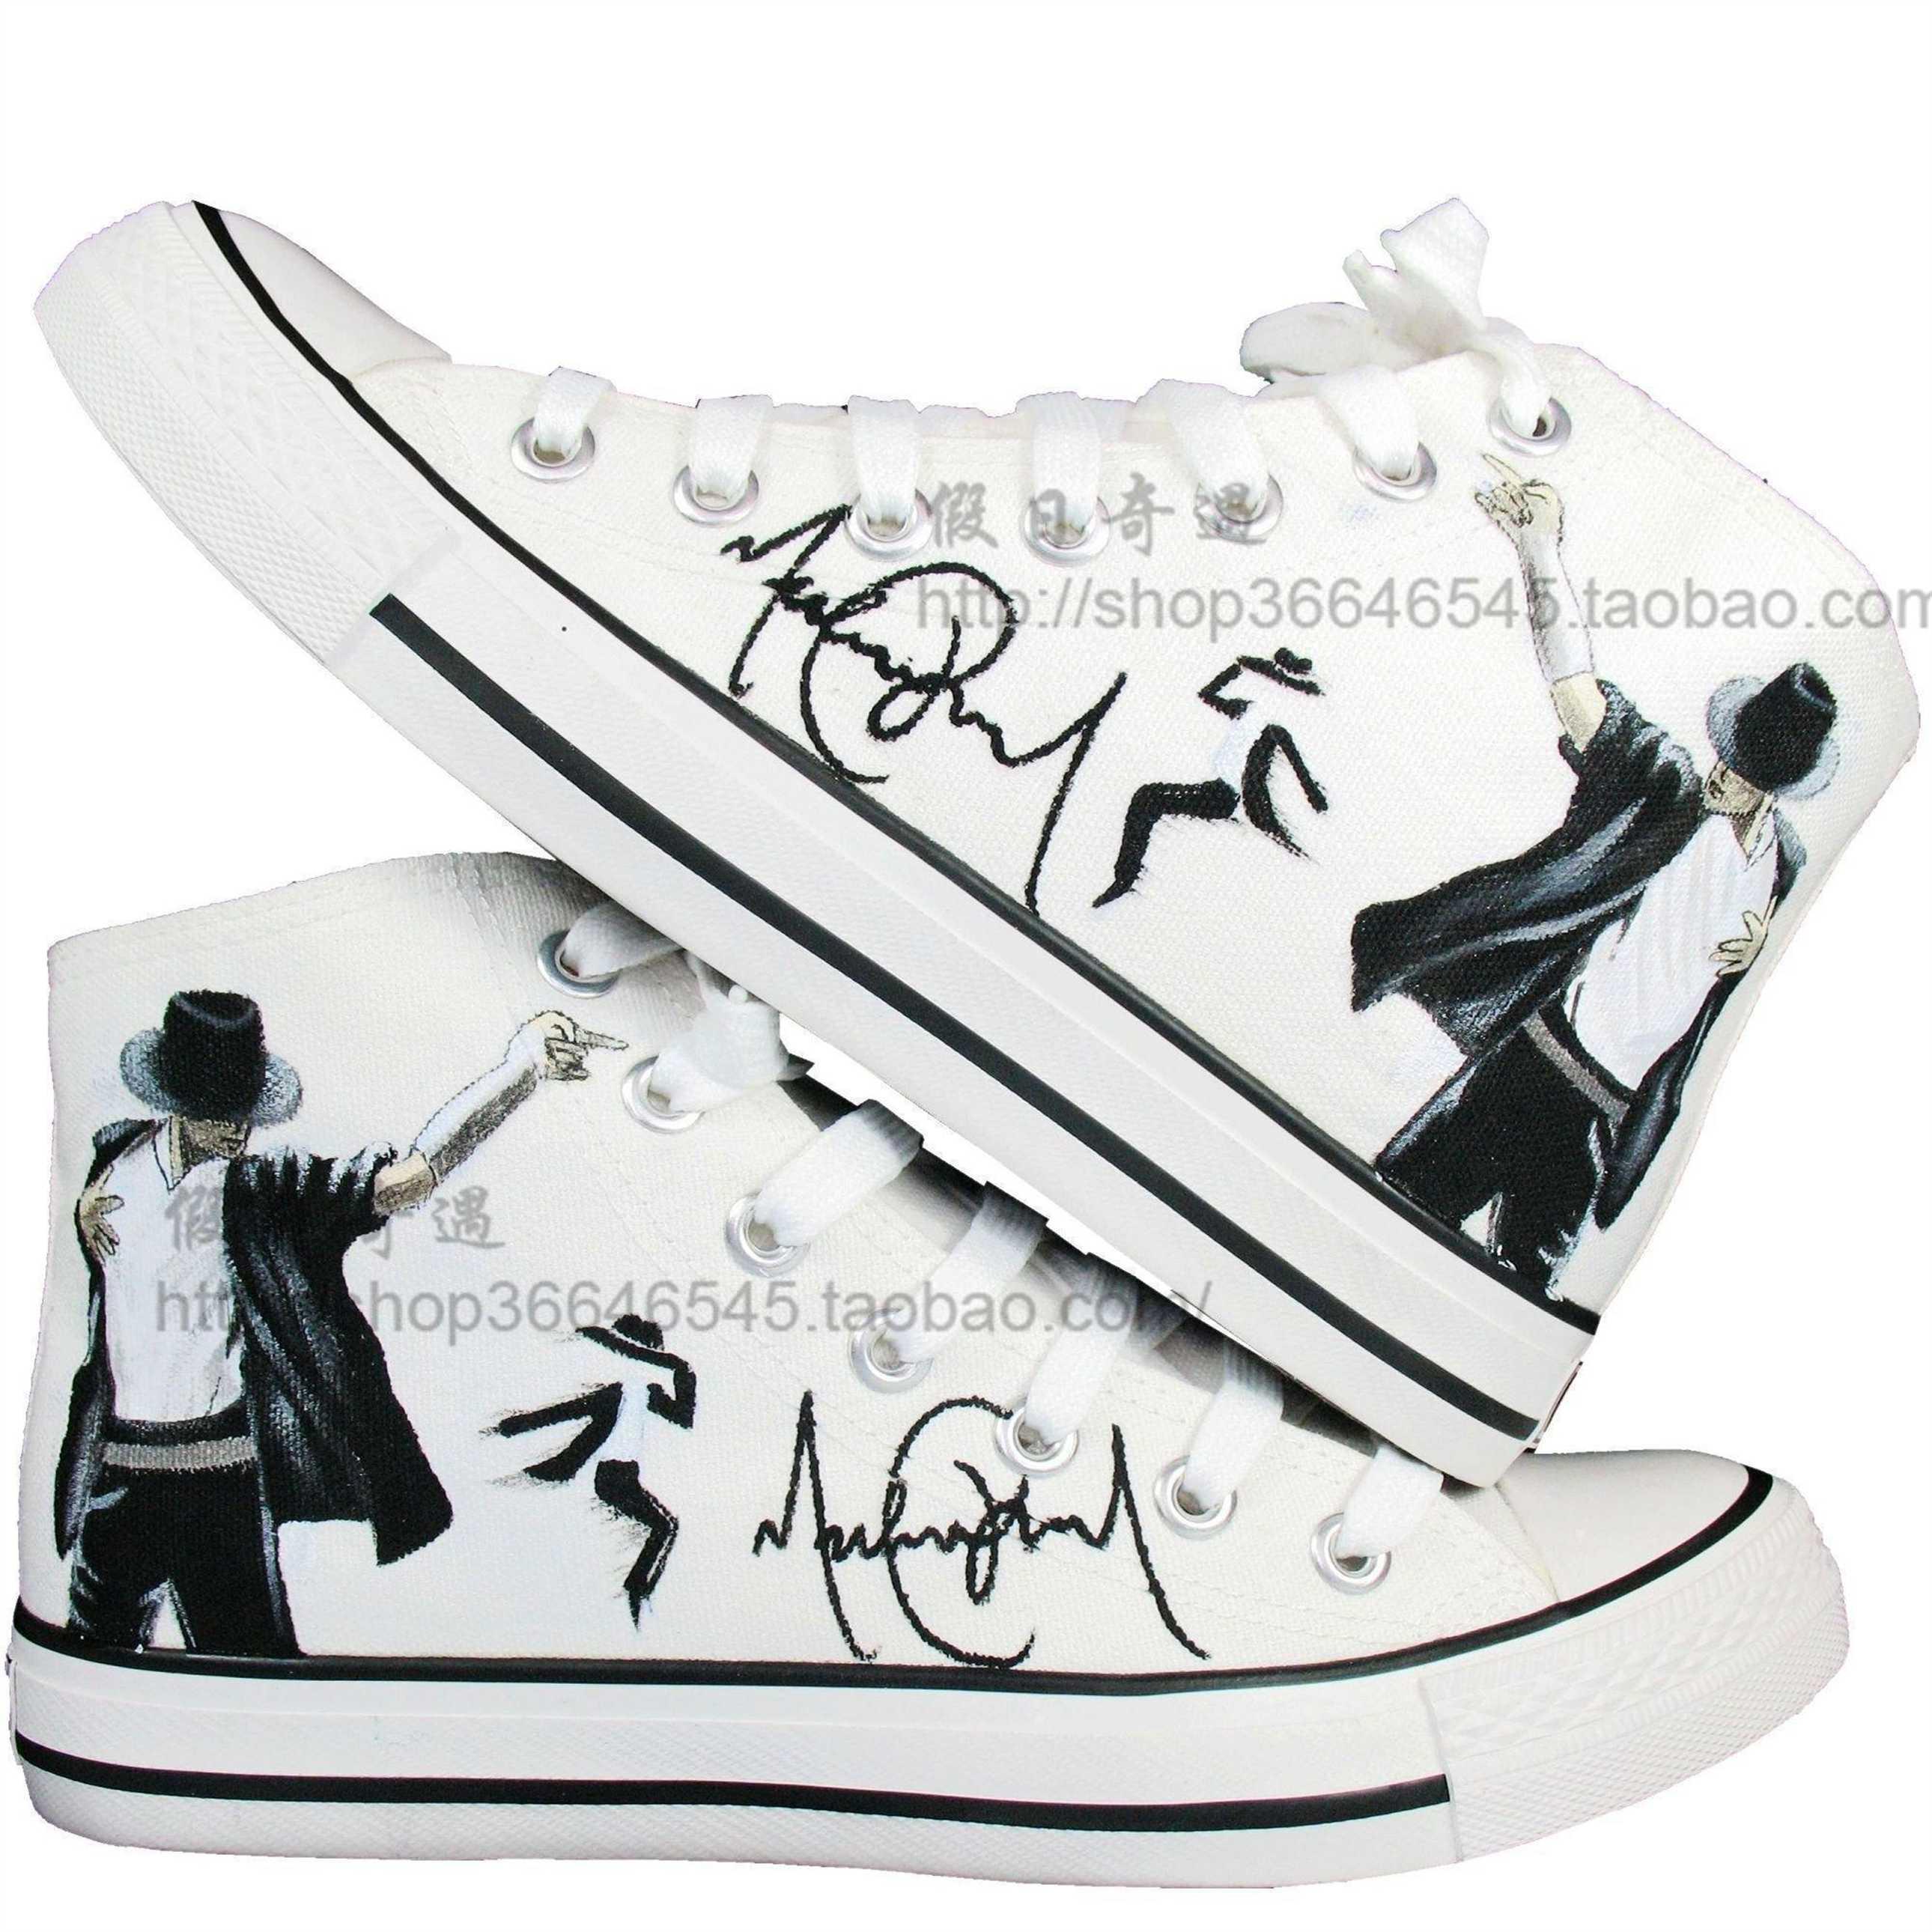 手绘鞋 mj迈克尔杰克逊大码男鞋高帮帆布鞋 情侣鞋涂鸦鞋板鞋潮鞋商品图片